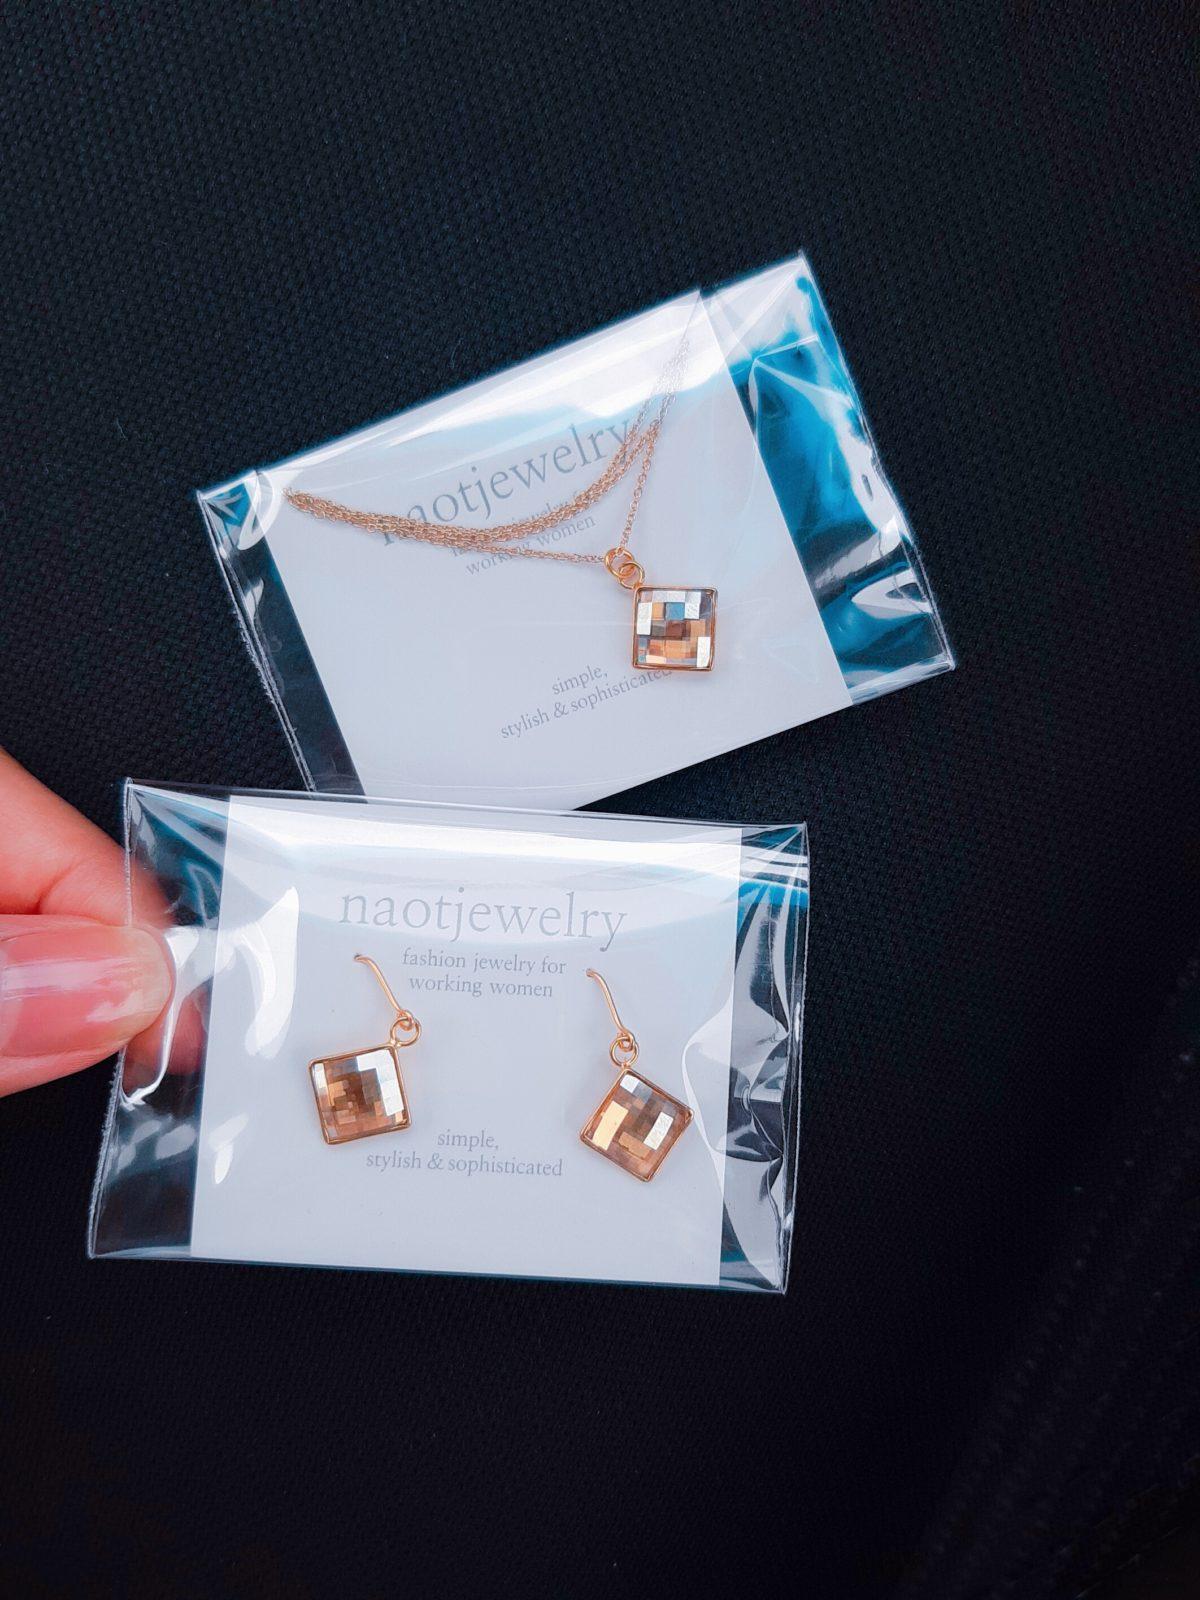 naotjewelry 楽天市場店 ネックレスとピアスのセット AMAZON